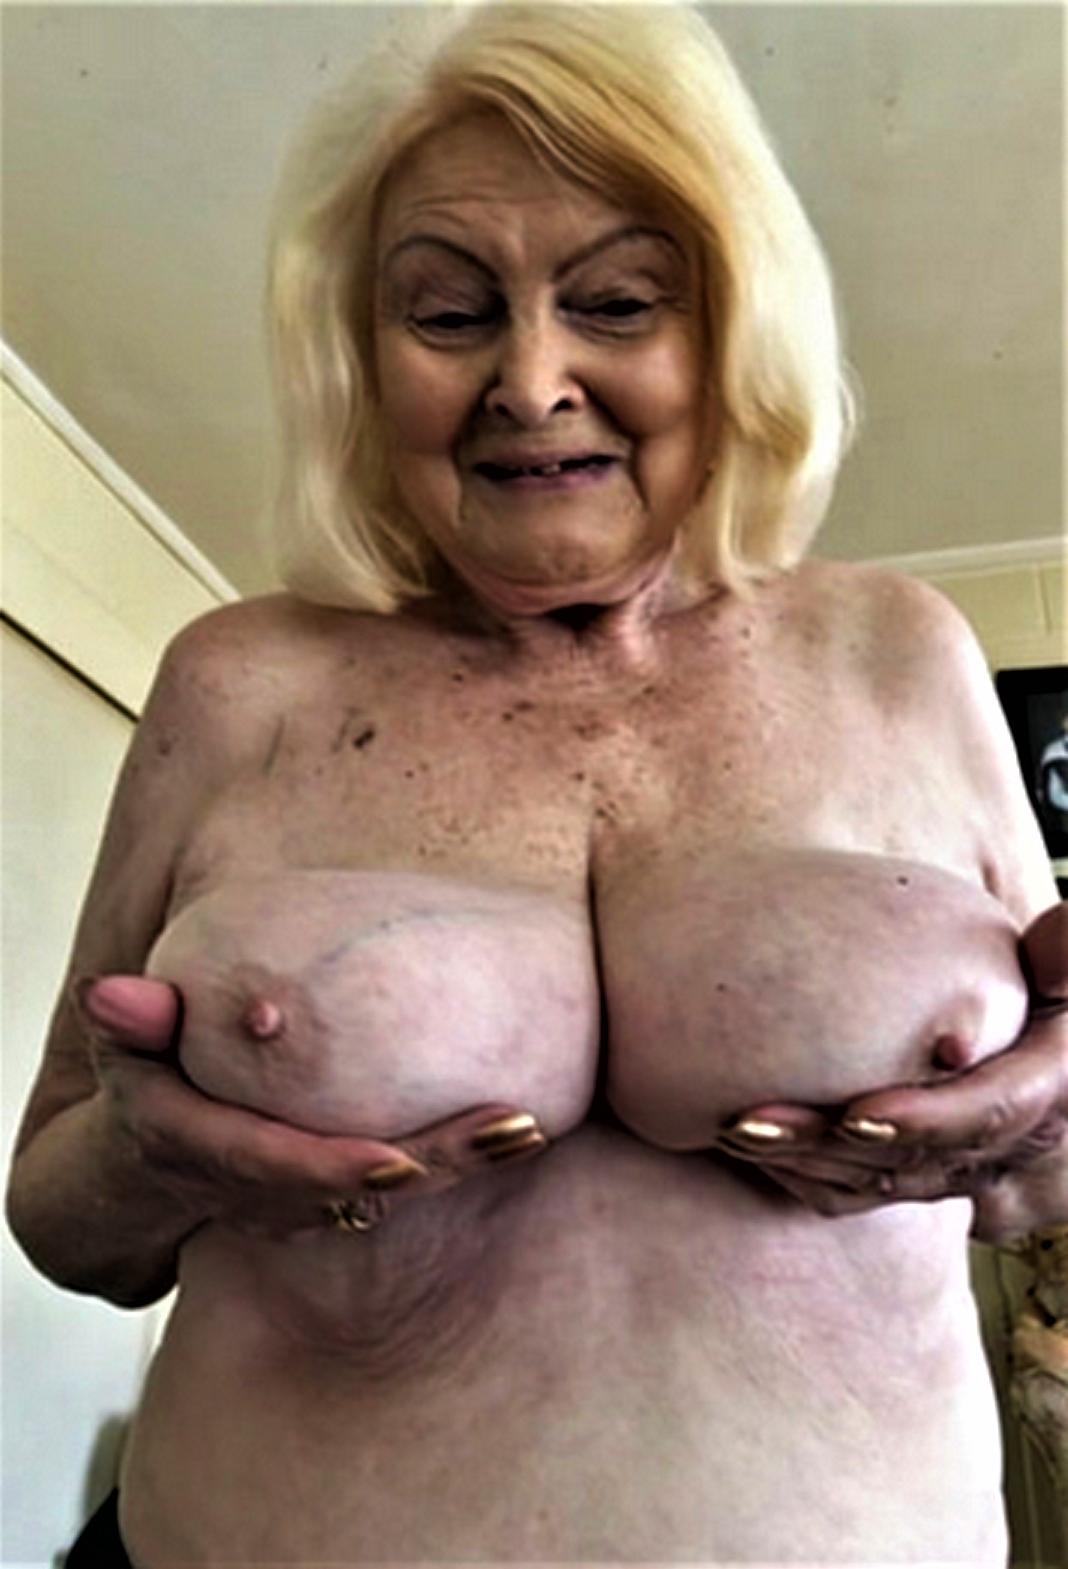 Big saggy grown up tits porn pics - granny-pussy.com